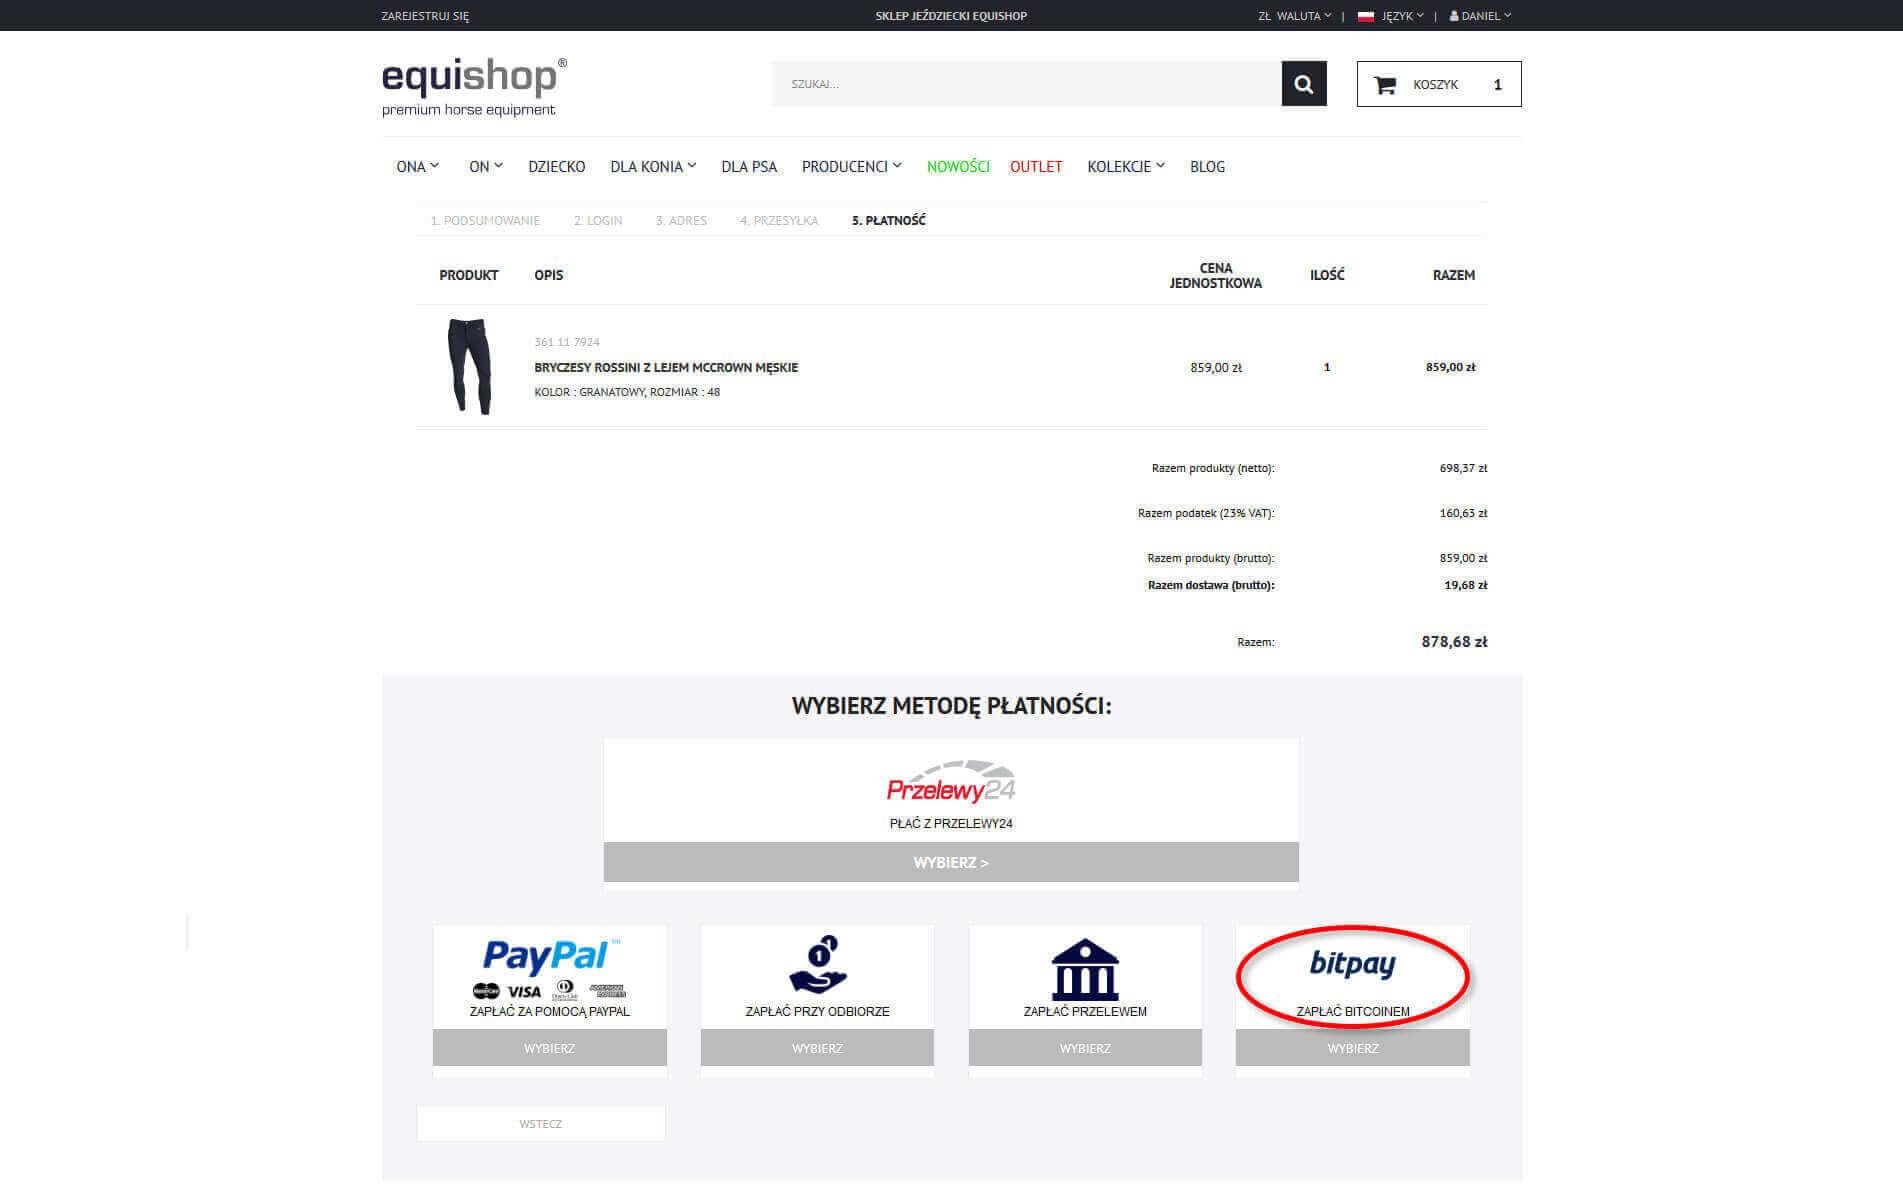 Jak wybrać płatność Bitcoin w Equishop?